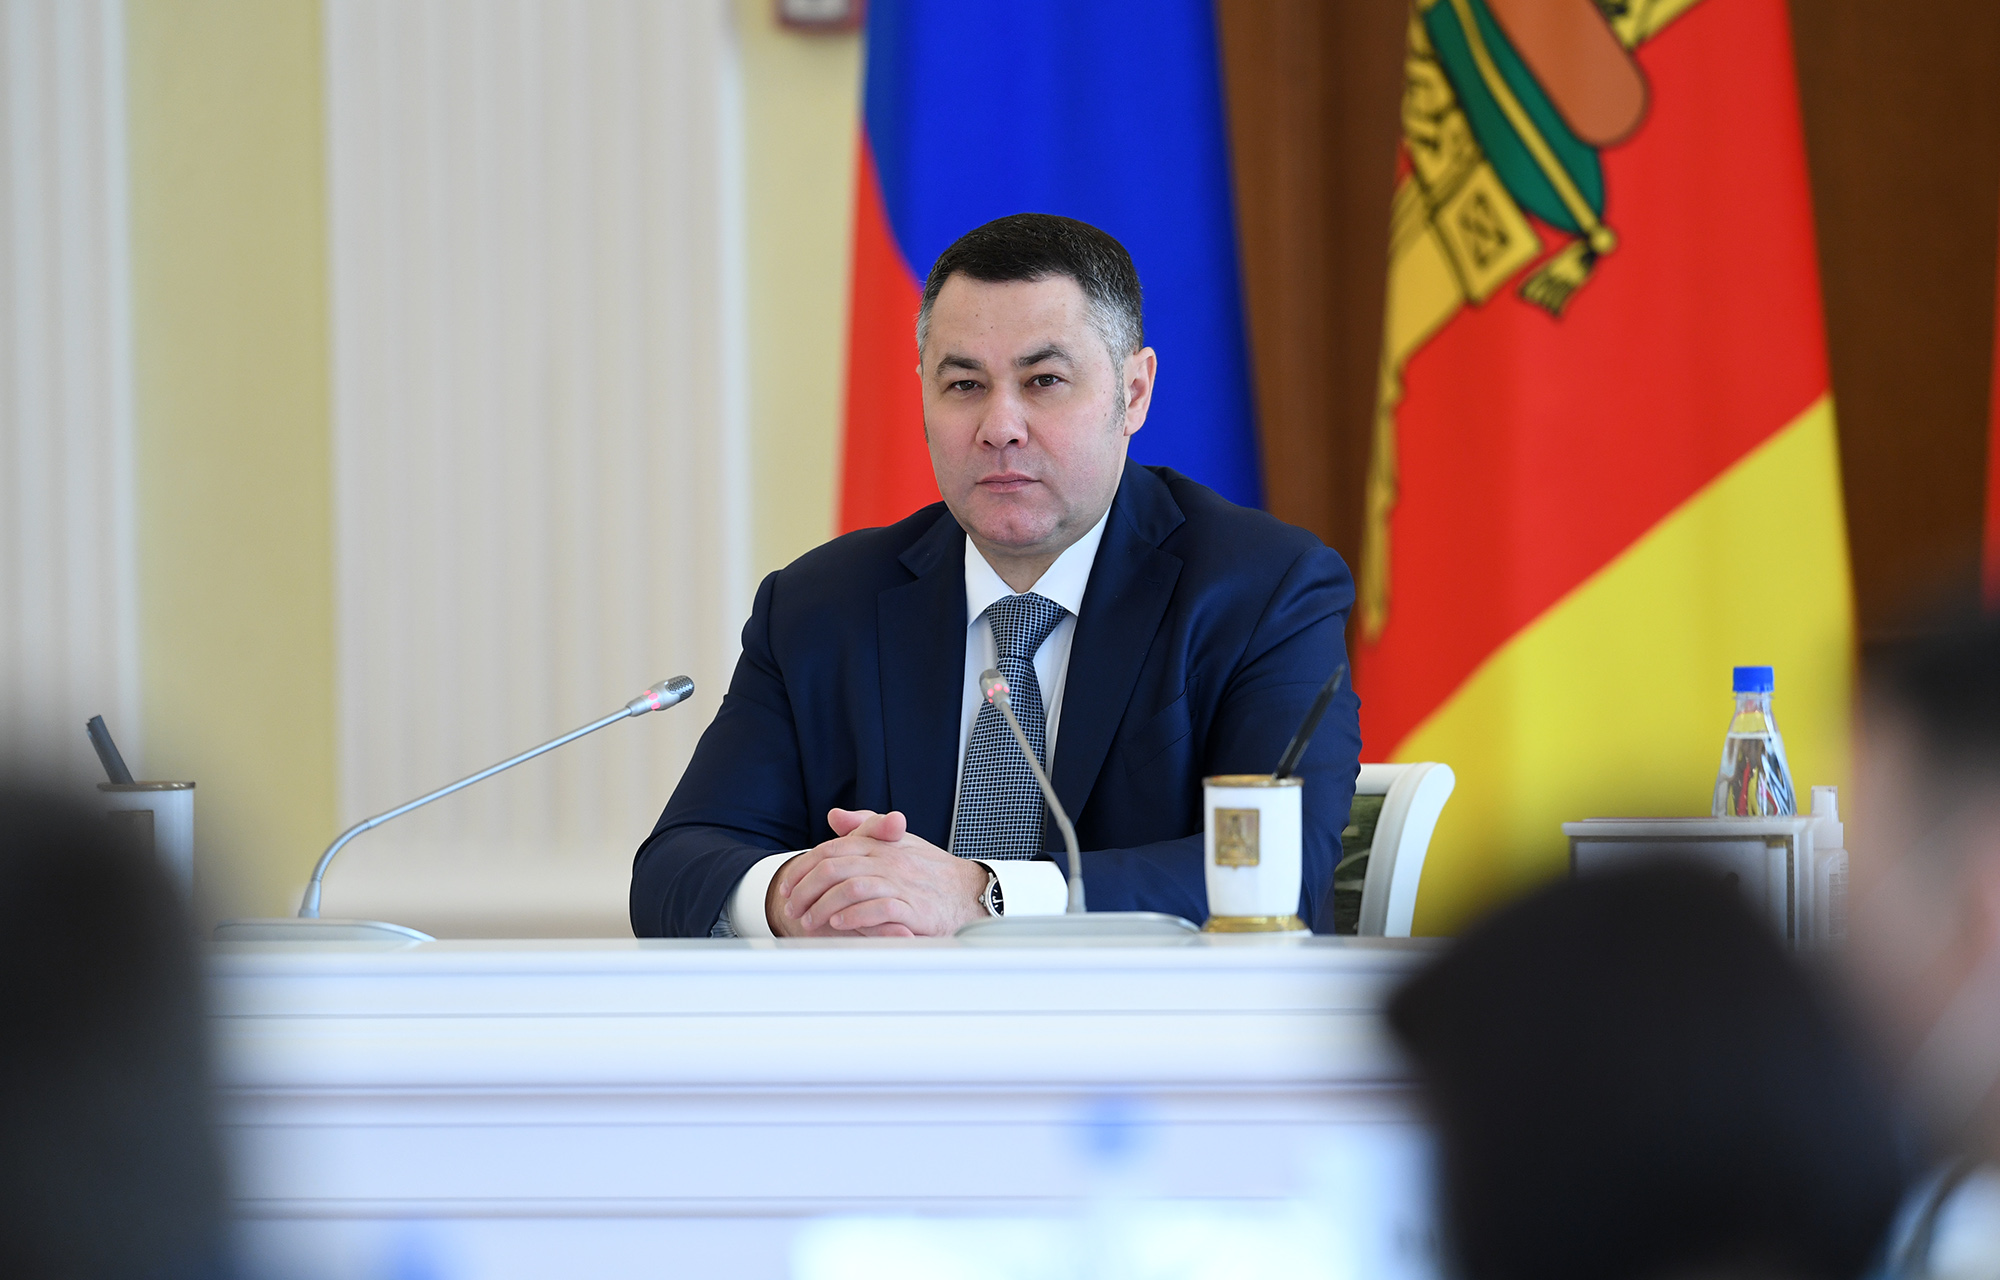 Для шести муниципалитетов Тверской области разработают индивидуальные программы развития - новости Афанасий